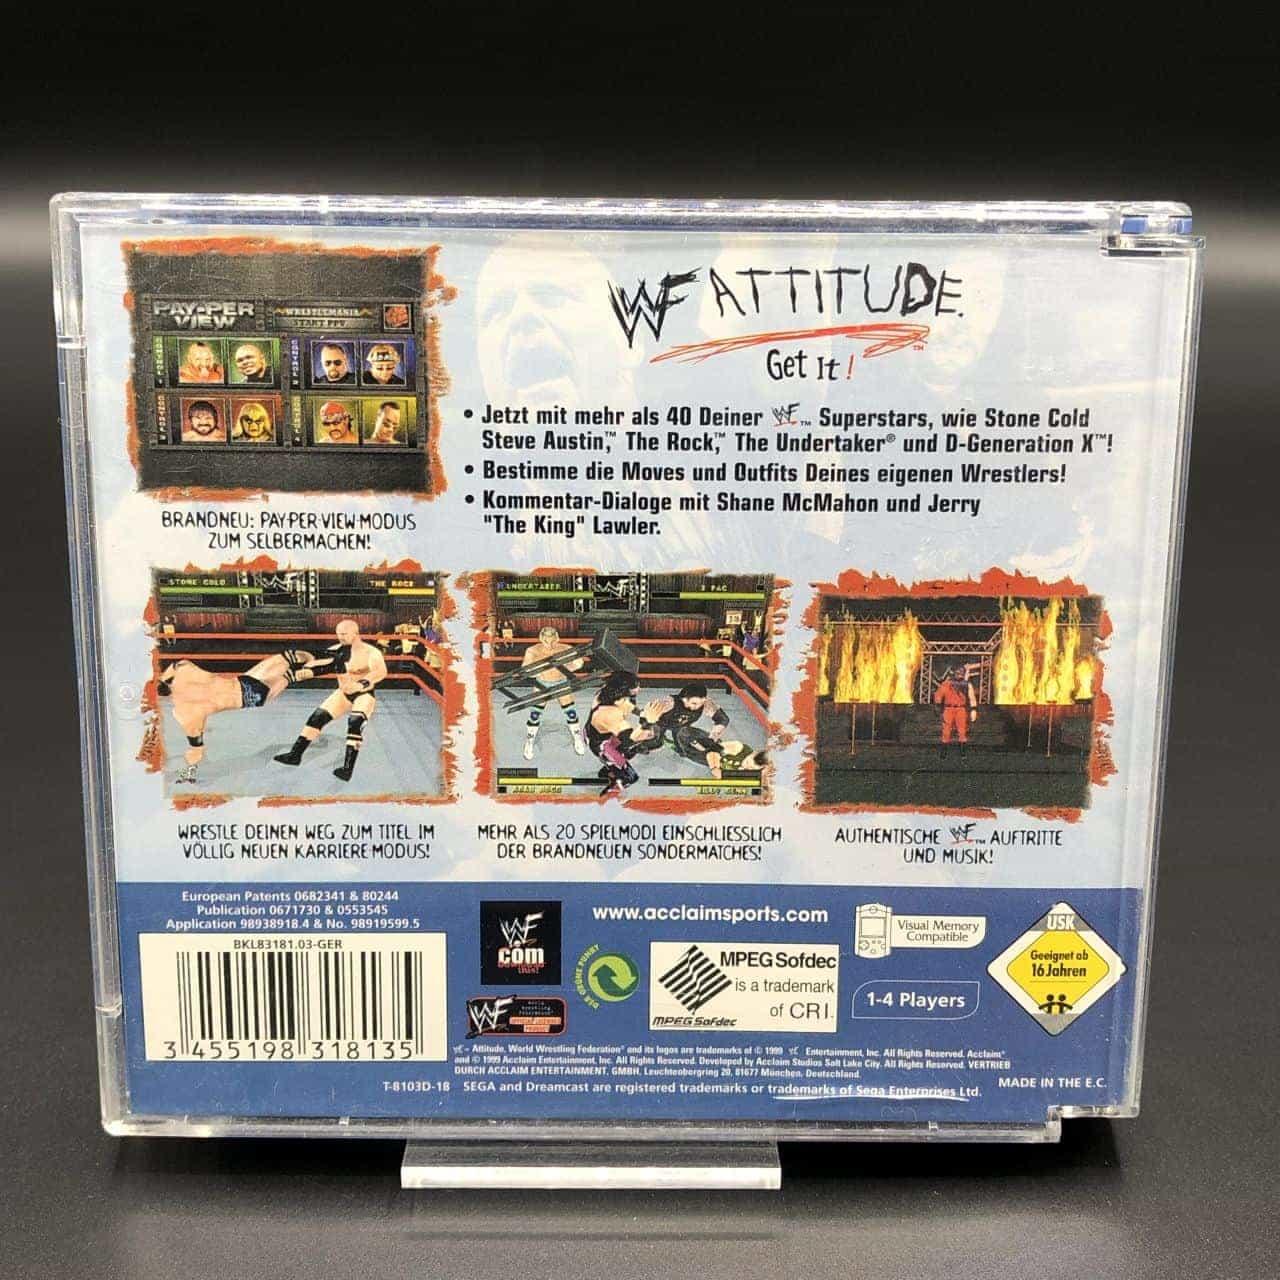 WWF Attitude (Komplett) (Gut) Sega Dreamcast